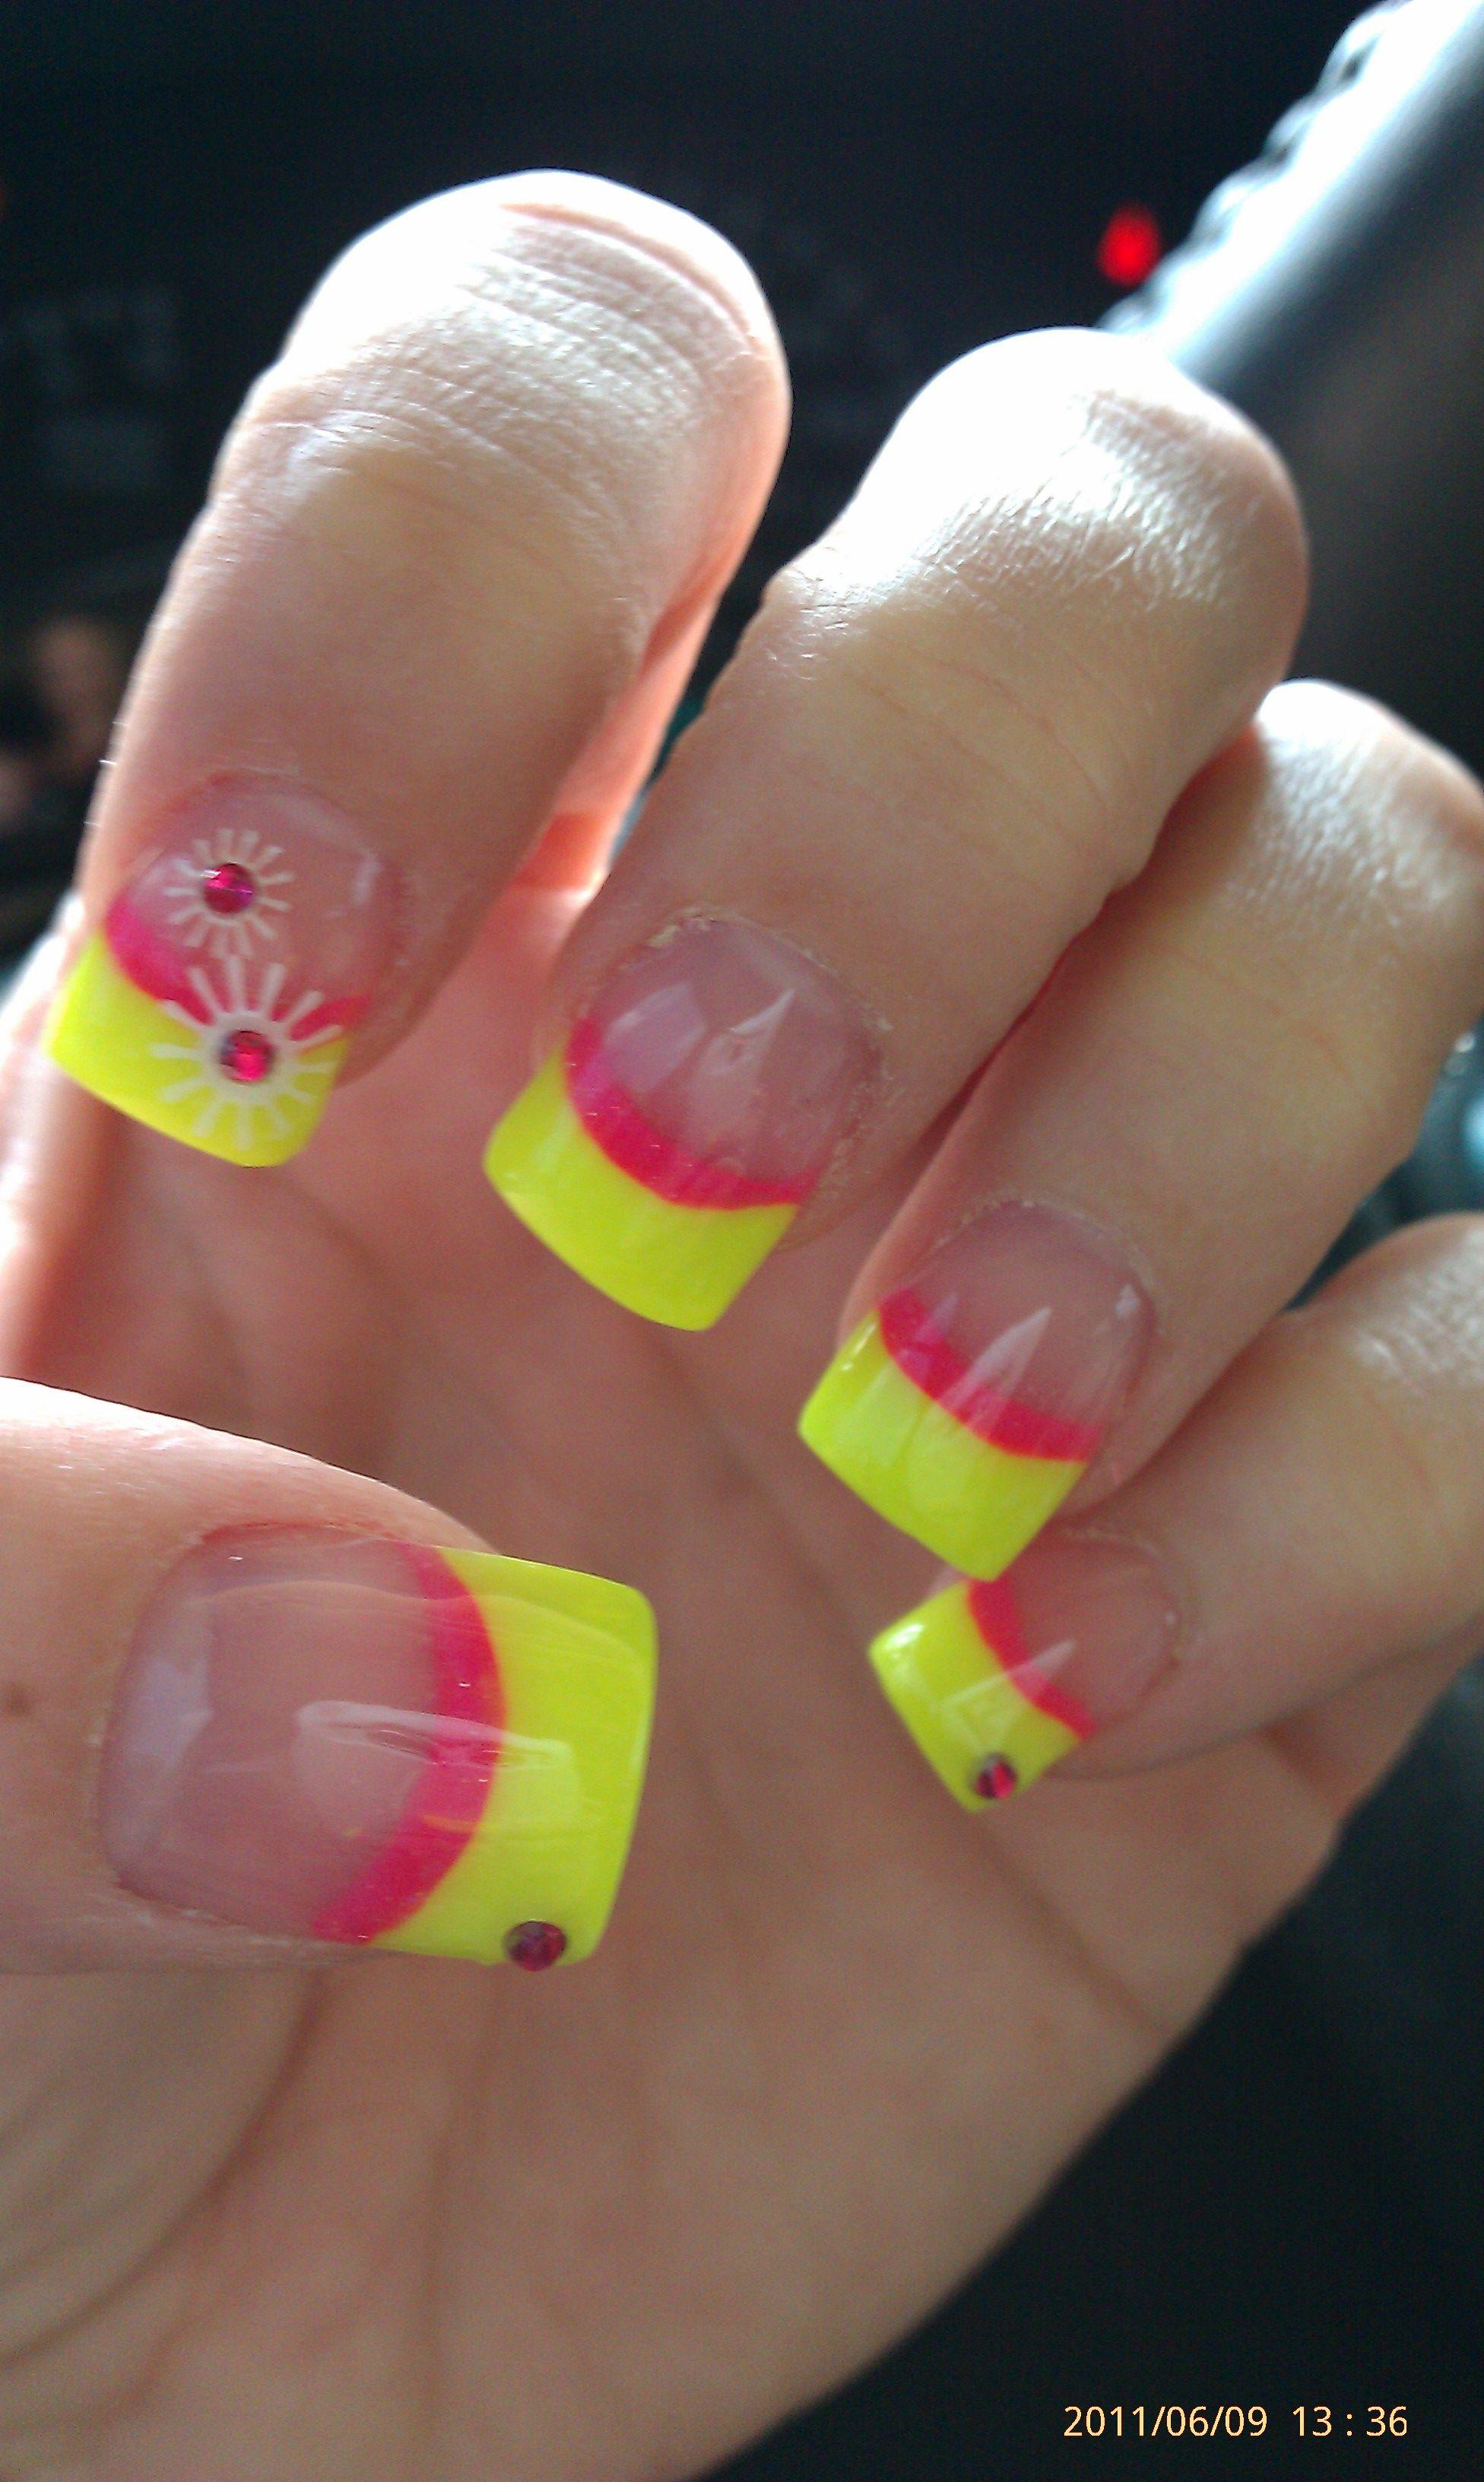 Nail Paint Designs - Nail Paint Design Pictures | Pinterest | Pink ...